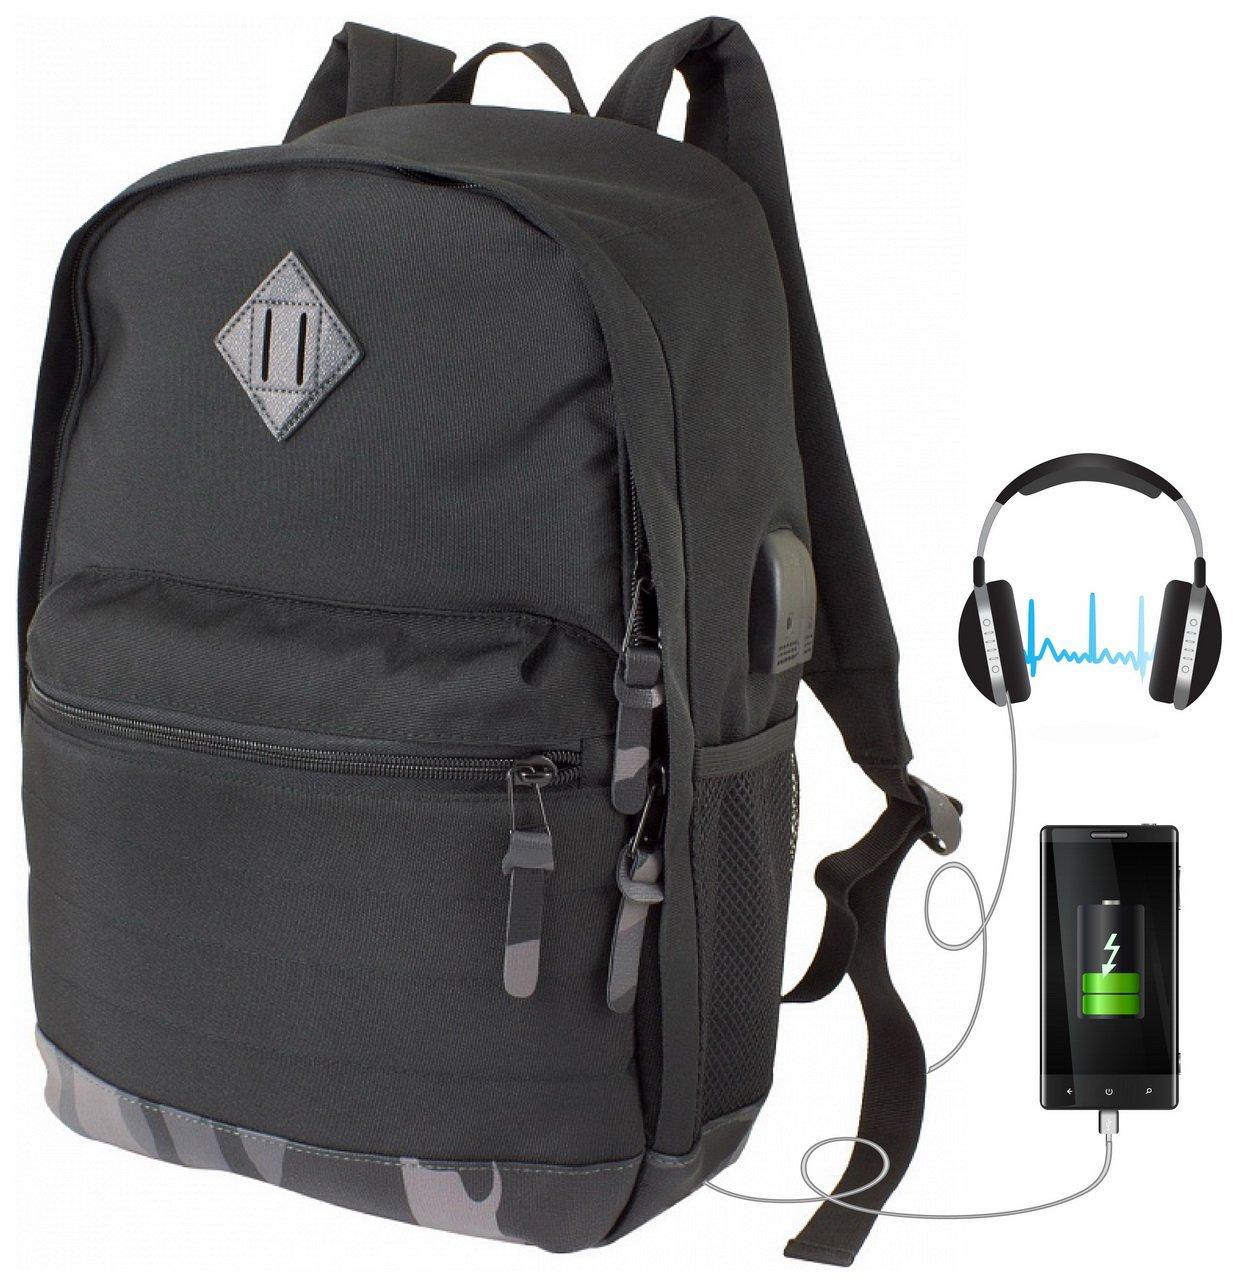 52104beaf5d7 Купить фирменный швейцарский рюкзак в официальном интернет магазине в  Москве  100  - страница 2